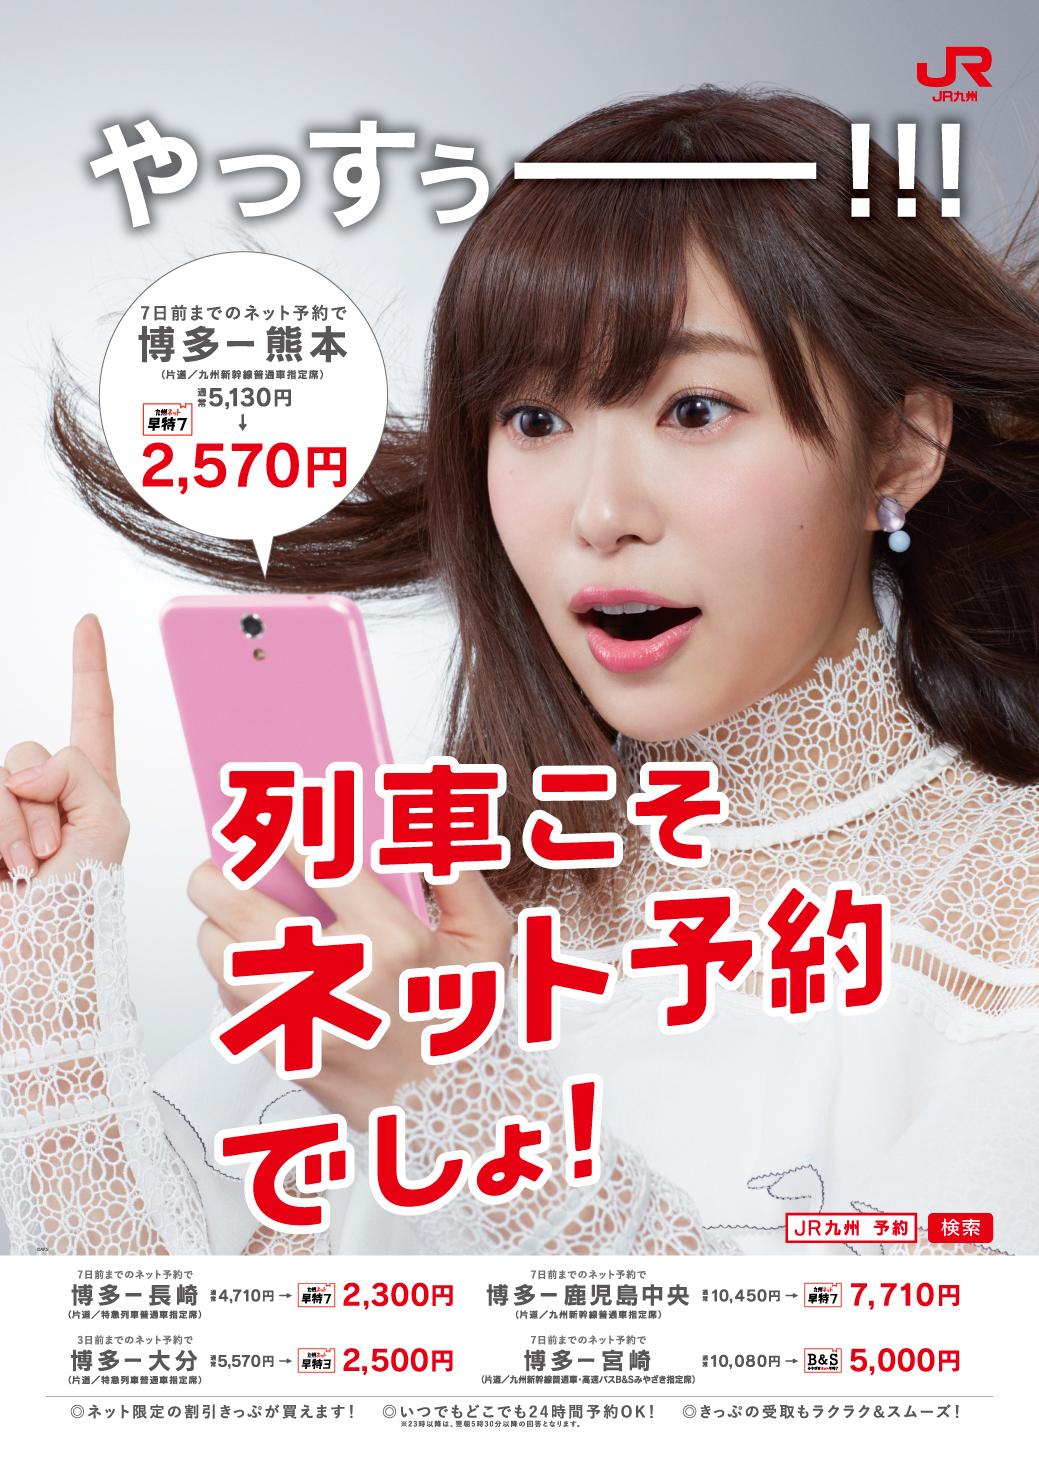 「電車広告 最近 jr九州」の画像検索結果